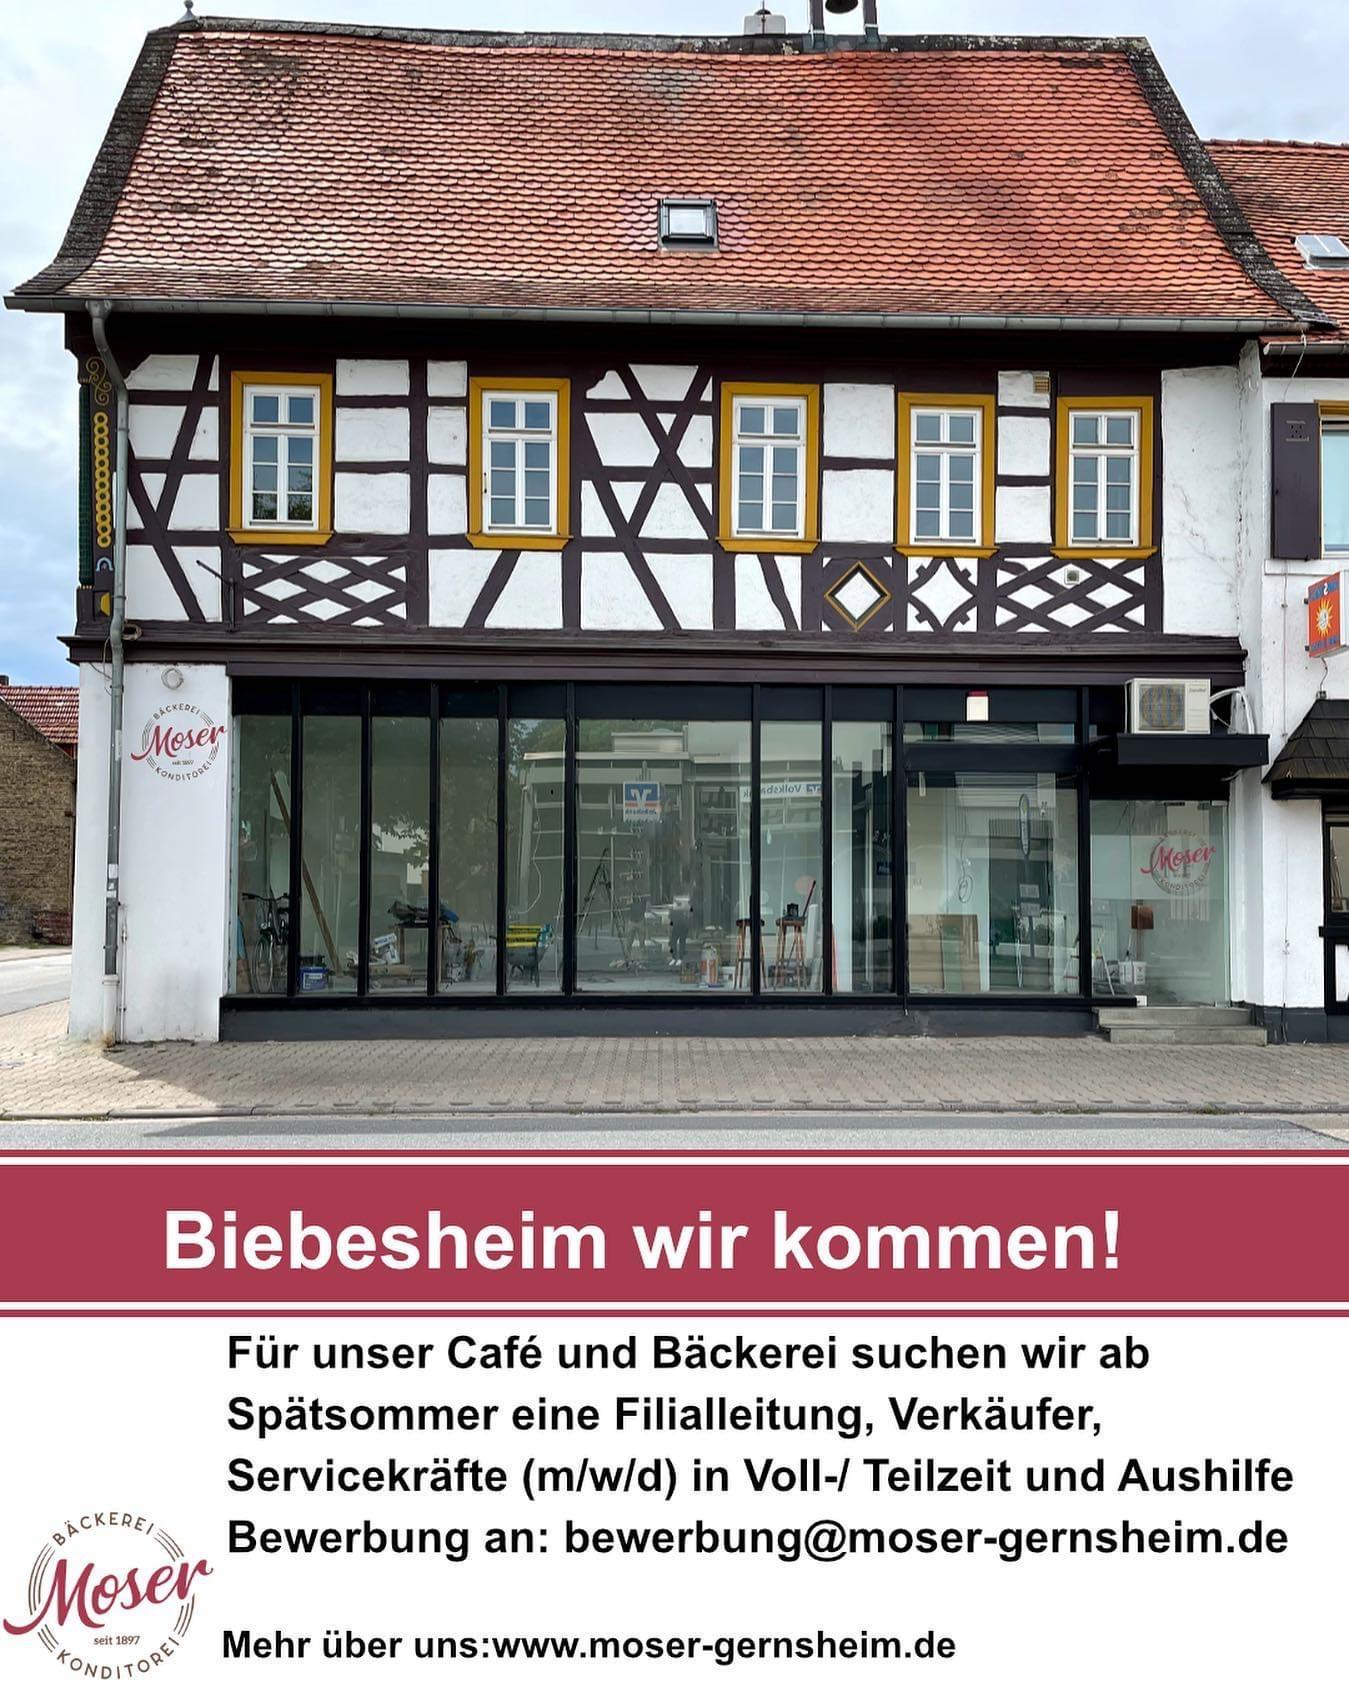 You are currently viewing Biebesheim wir kommen!